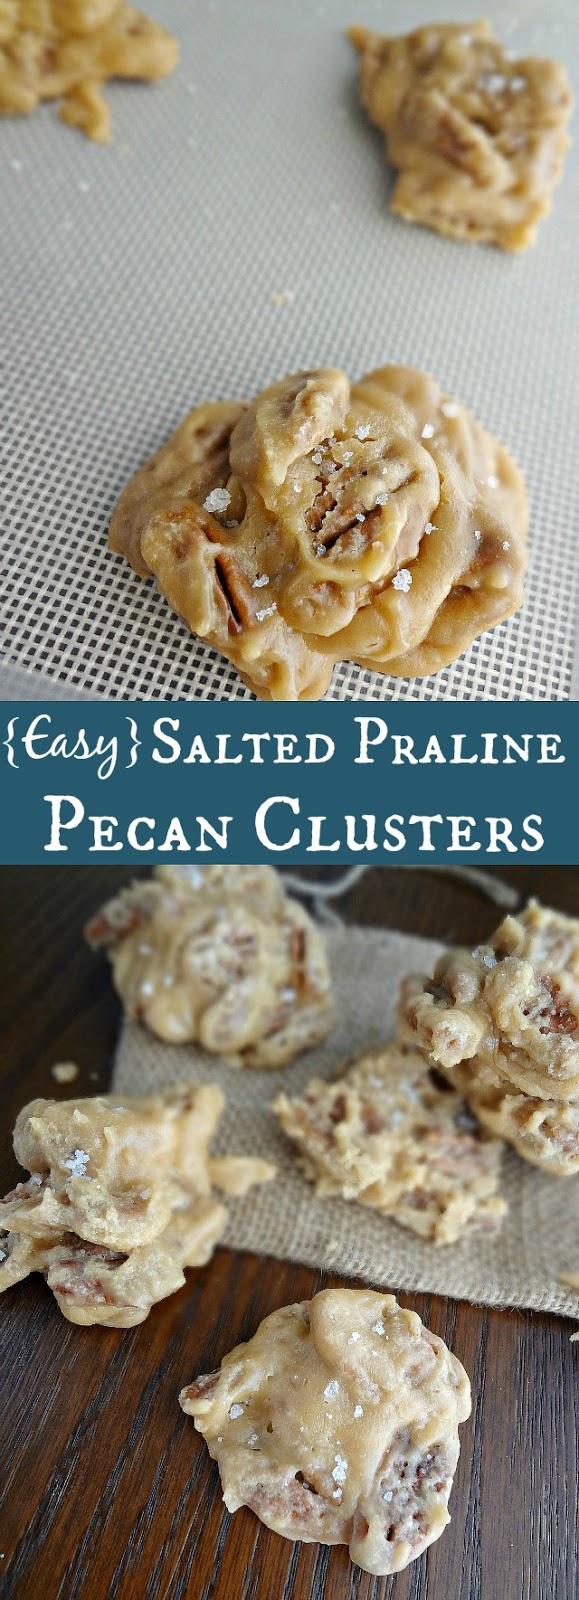 {Easy} Salted Praline Pecan Clusters